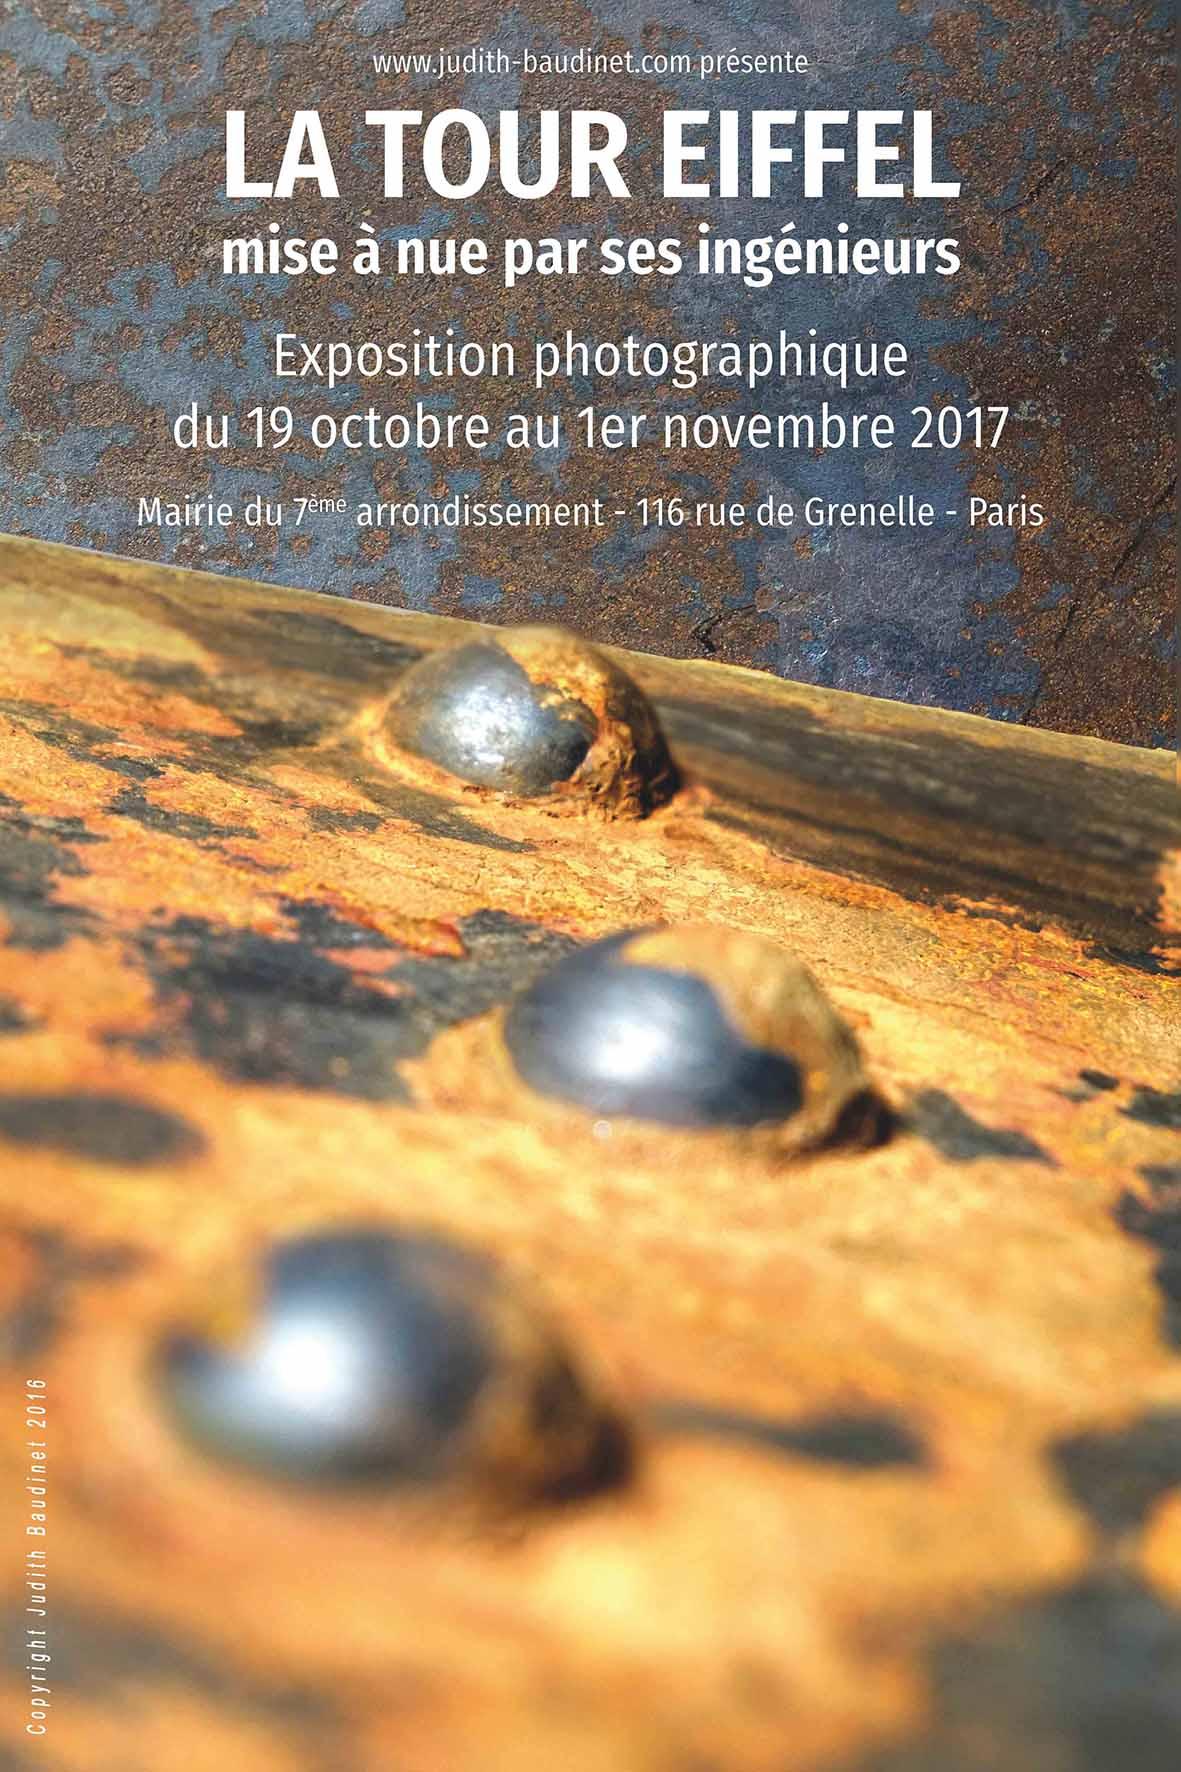 Affiche - 1 - expo Tour Eiffel 2017